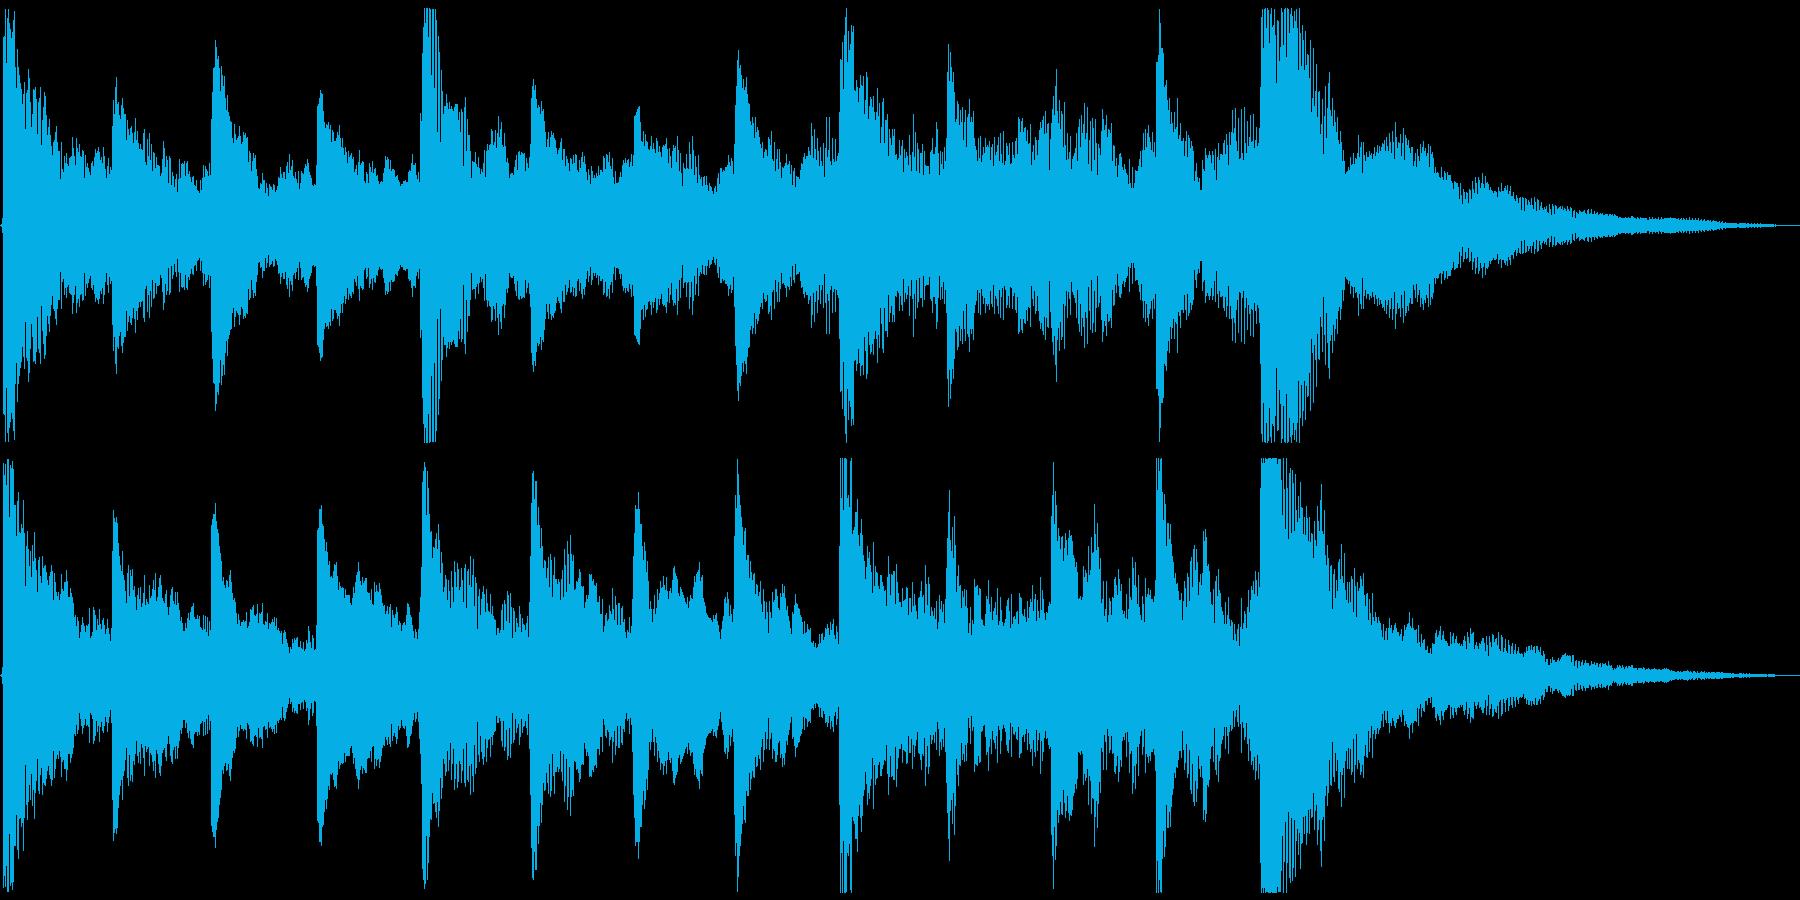 せつない感じの ピアノ&ストリングス①の再生済みの波形